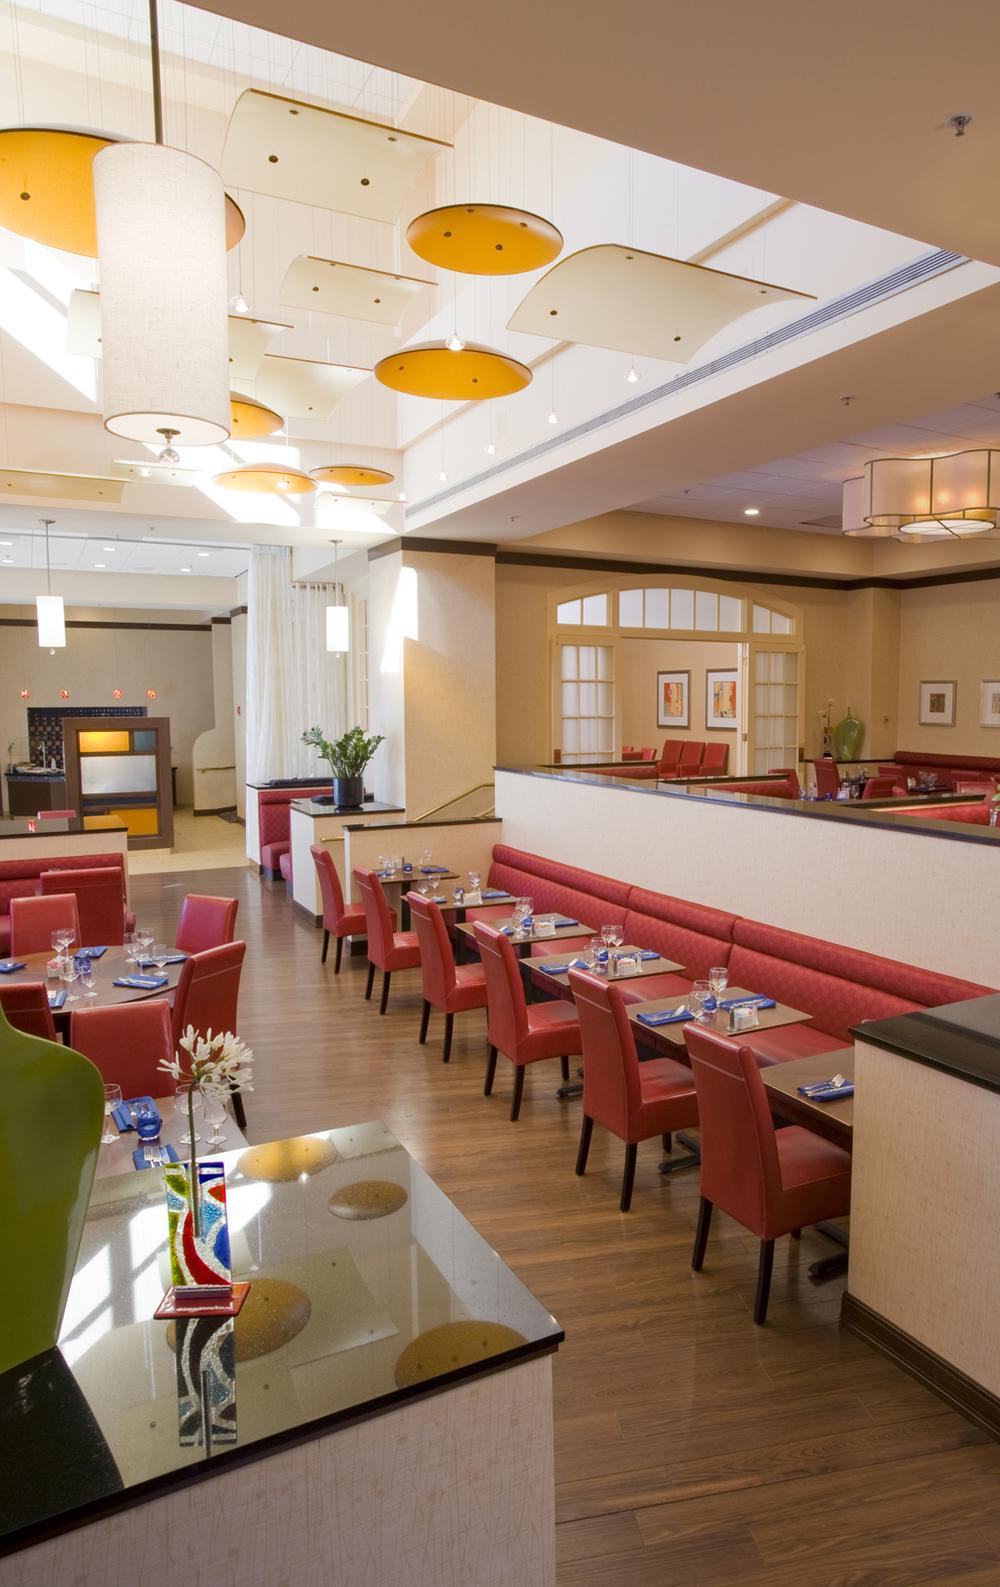 Marriott-07-dining_cropped.jpg